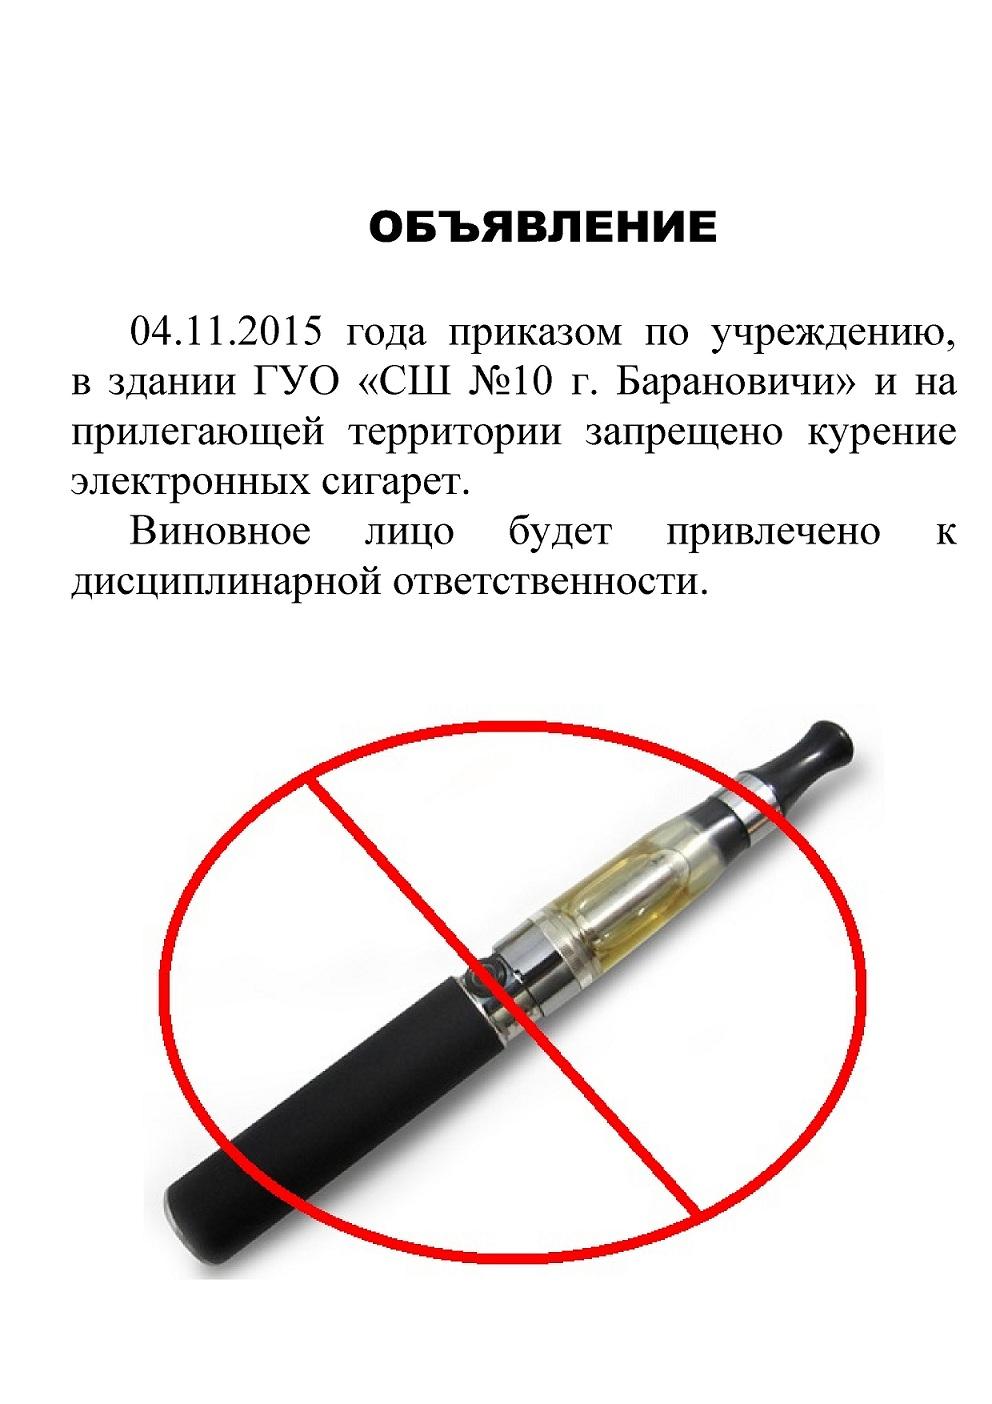 Как курить электронную сигарету и при этом правильно затягиваться?